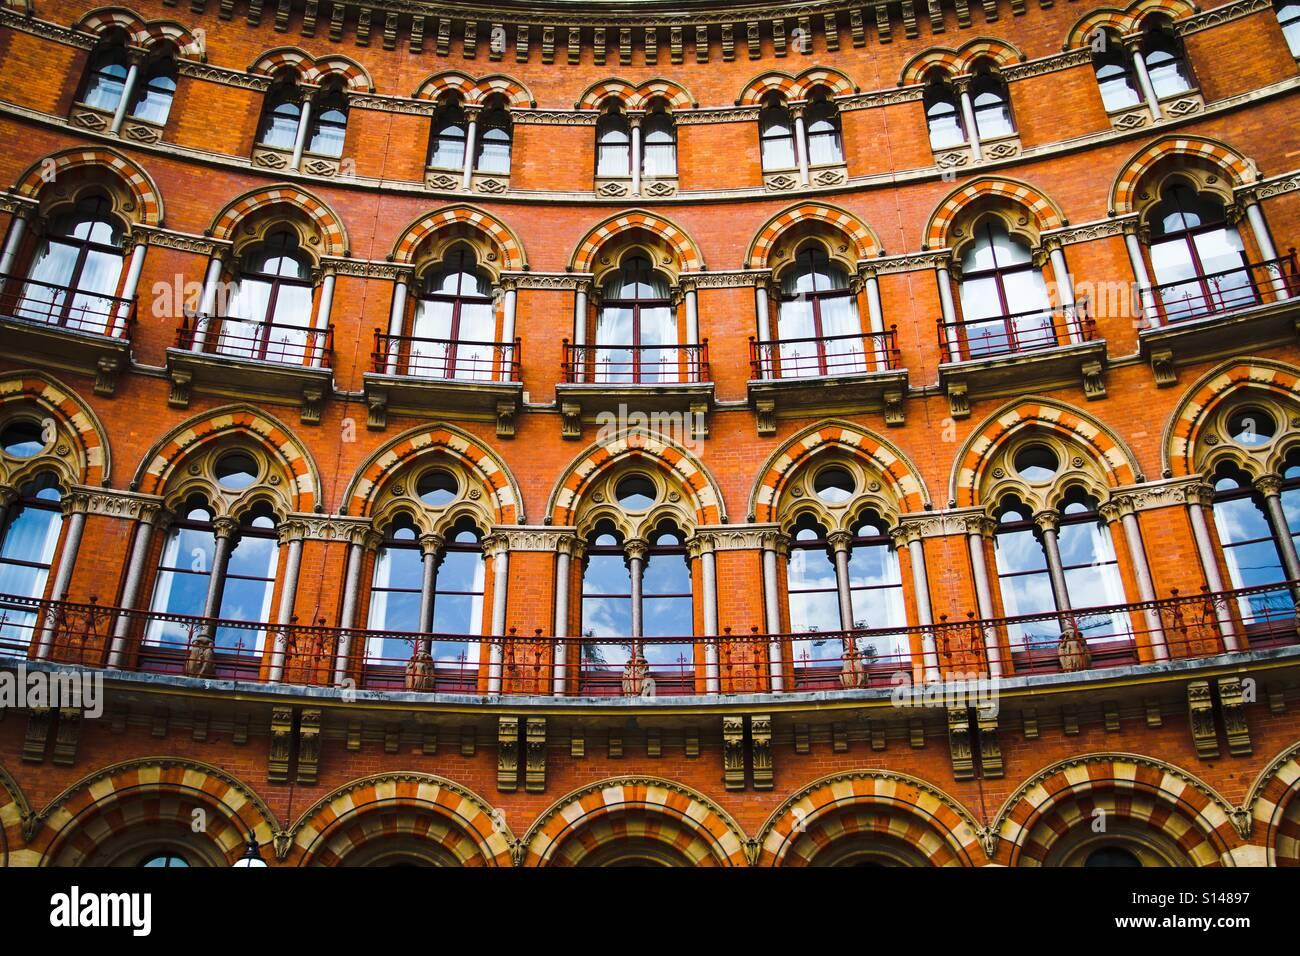 La Facciata Ricurva Di Un Raffinato Edificio Gotico Con Righe Di